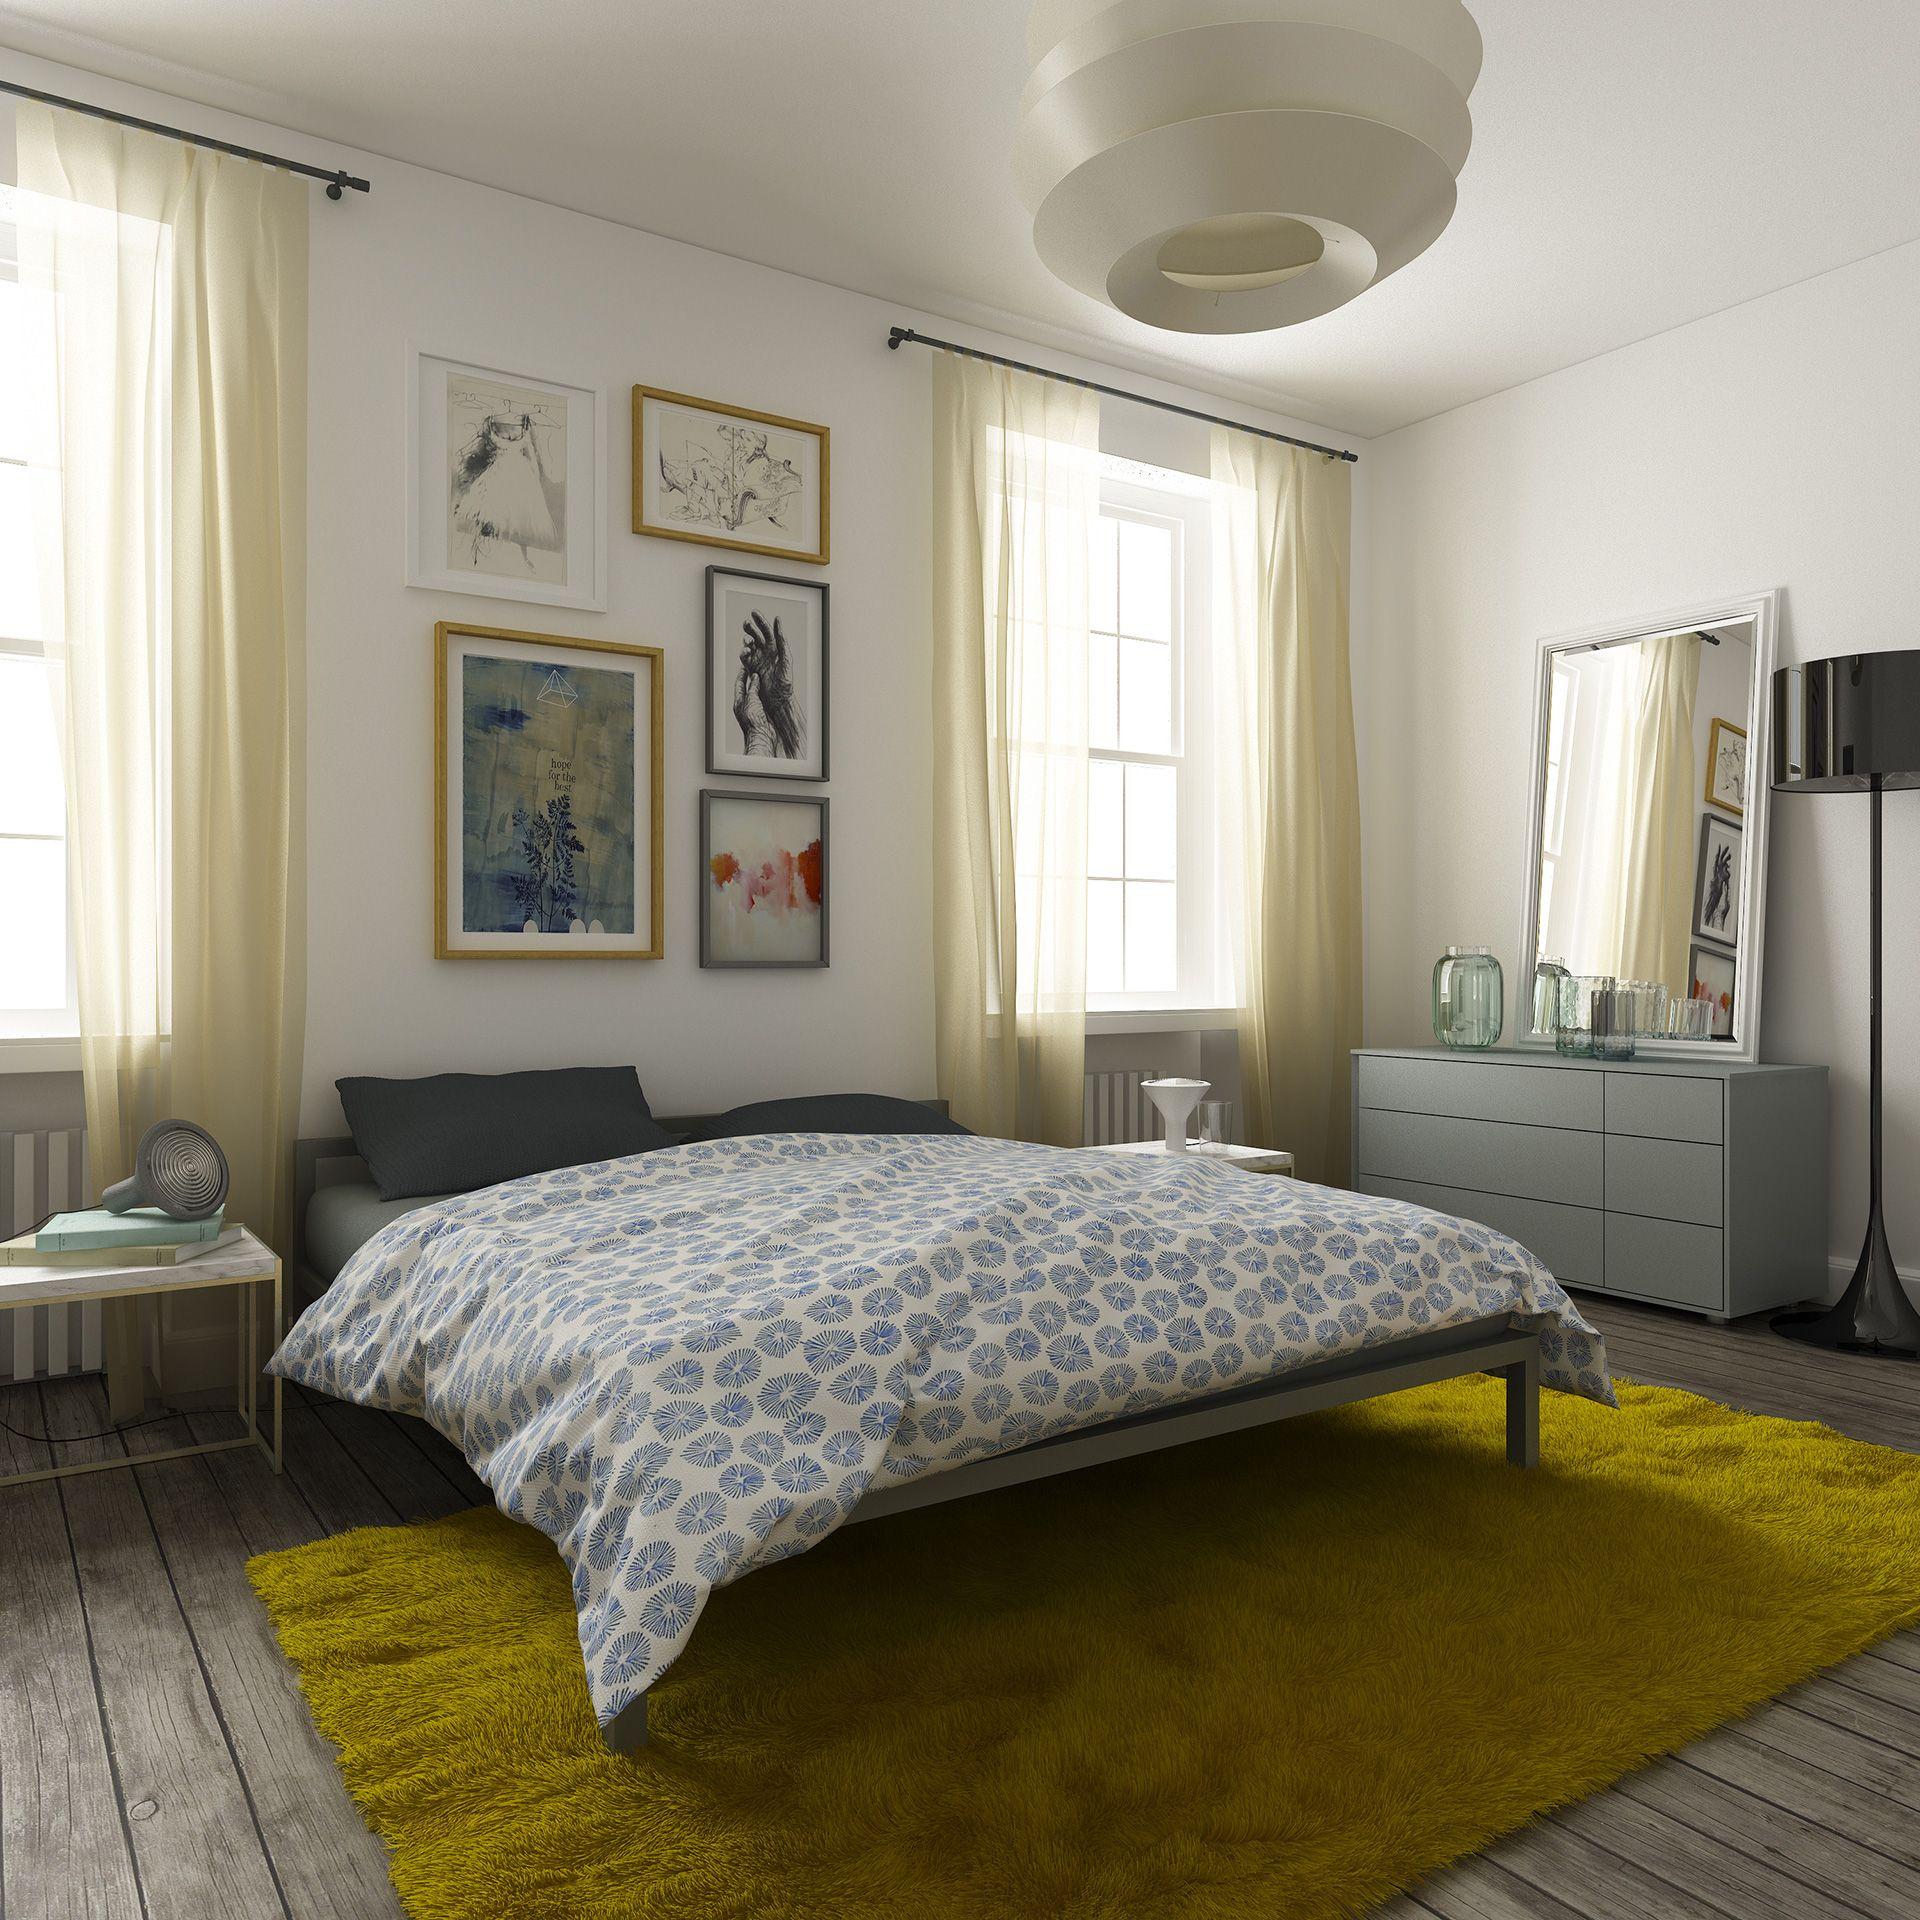 Tapis Sous Lit tapis sous le lit | déco maison/ home deco | pinterest | maison